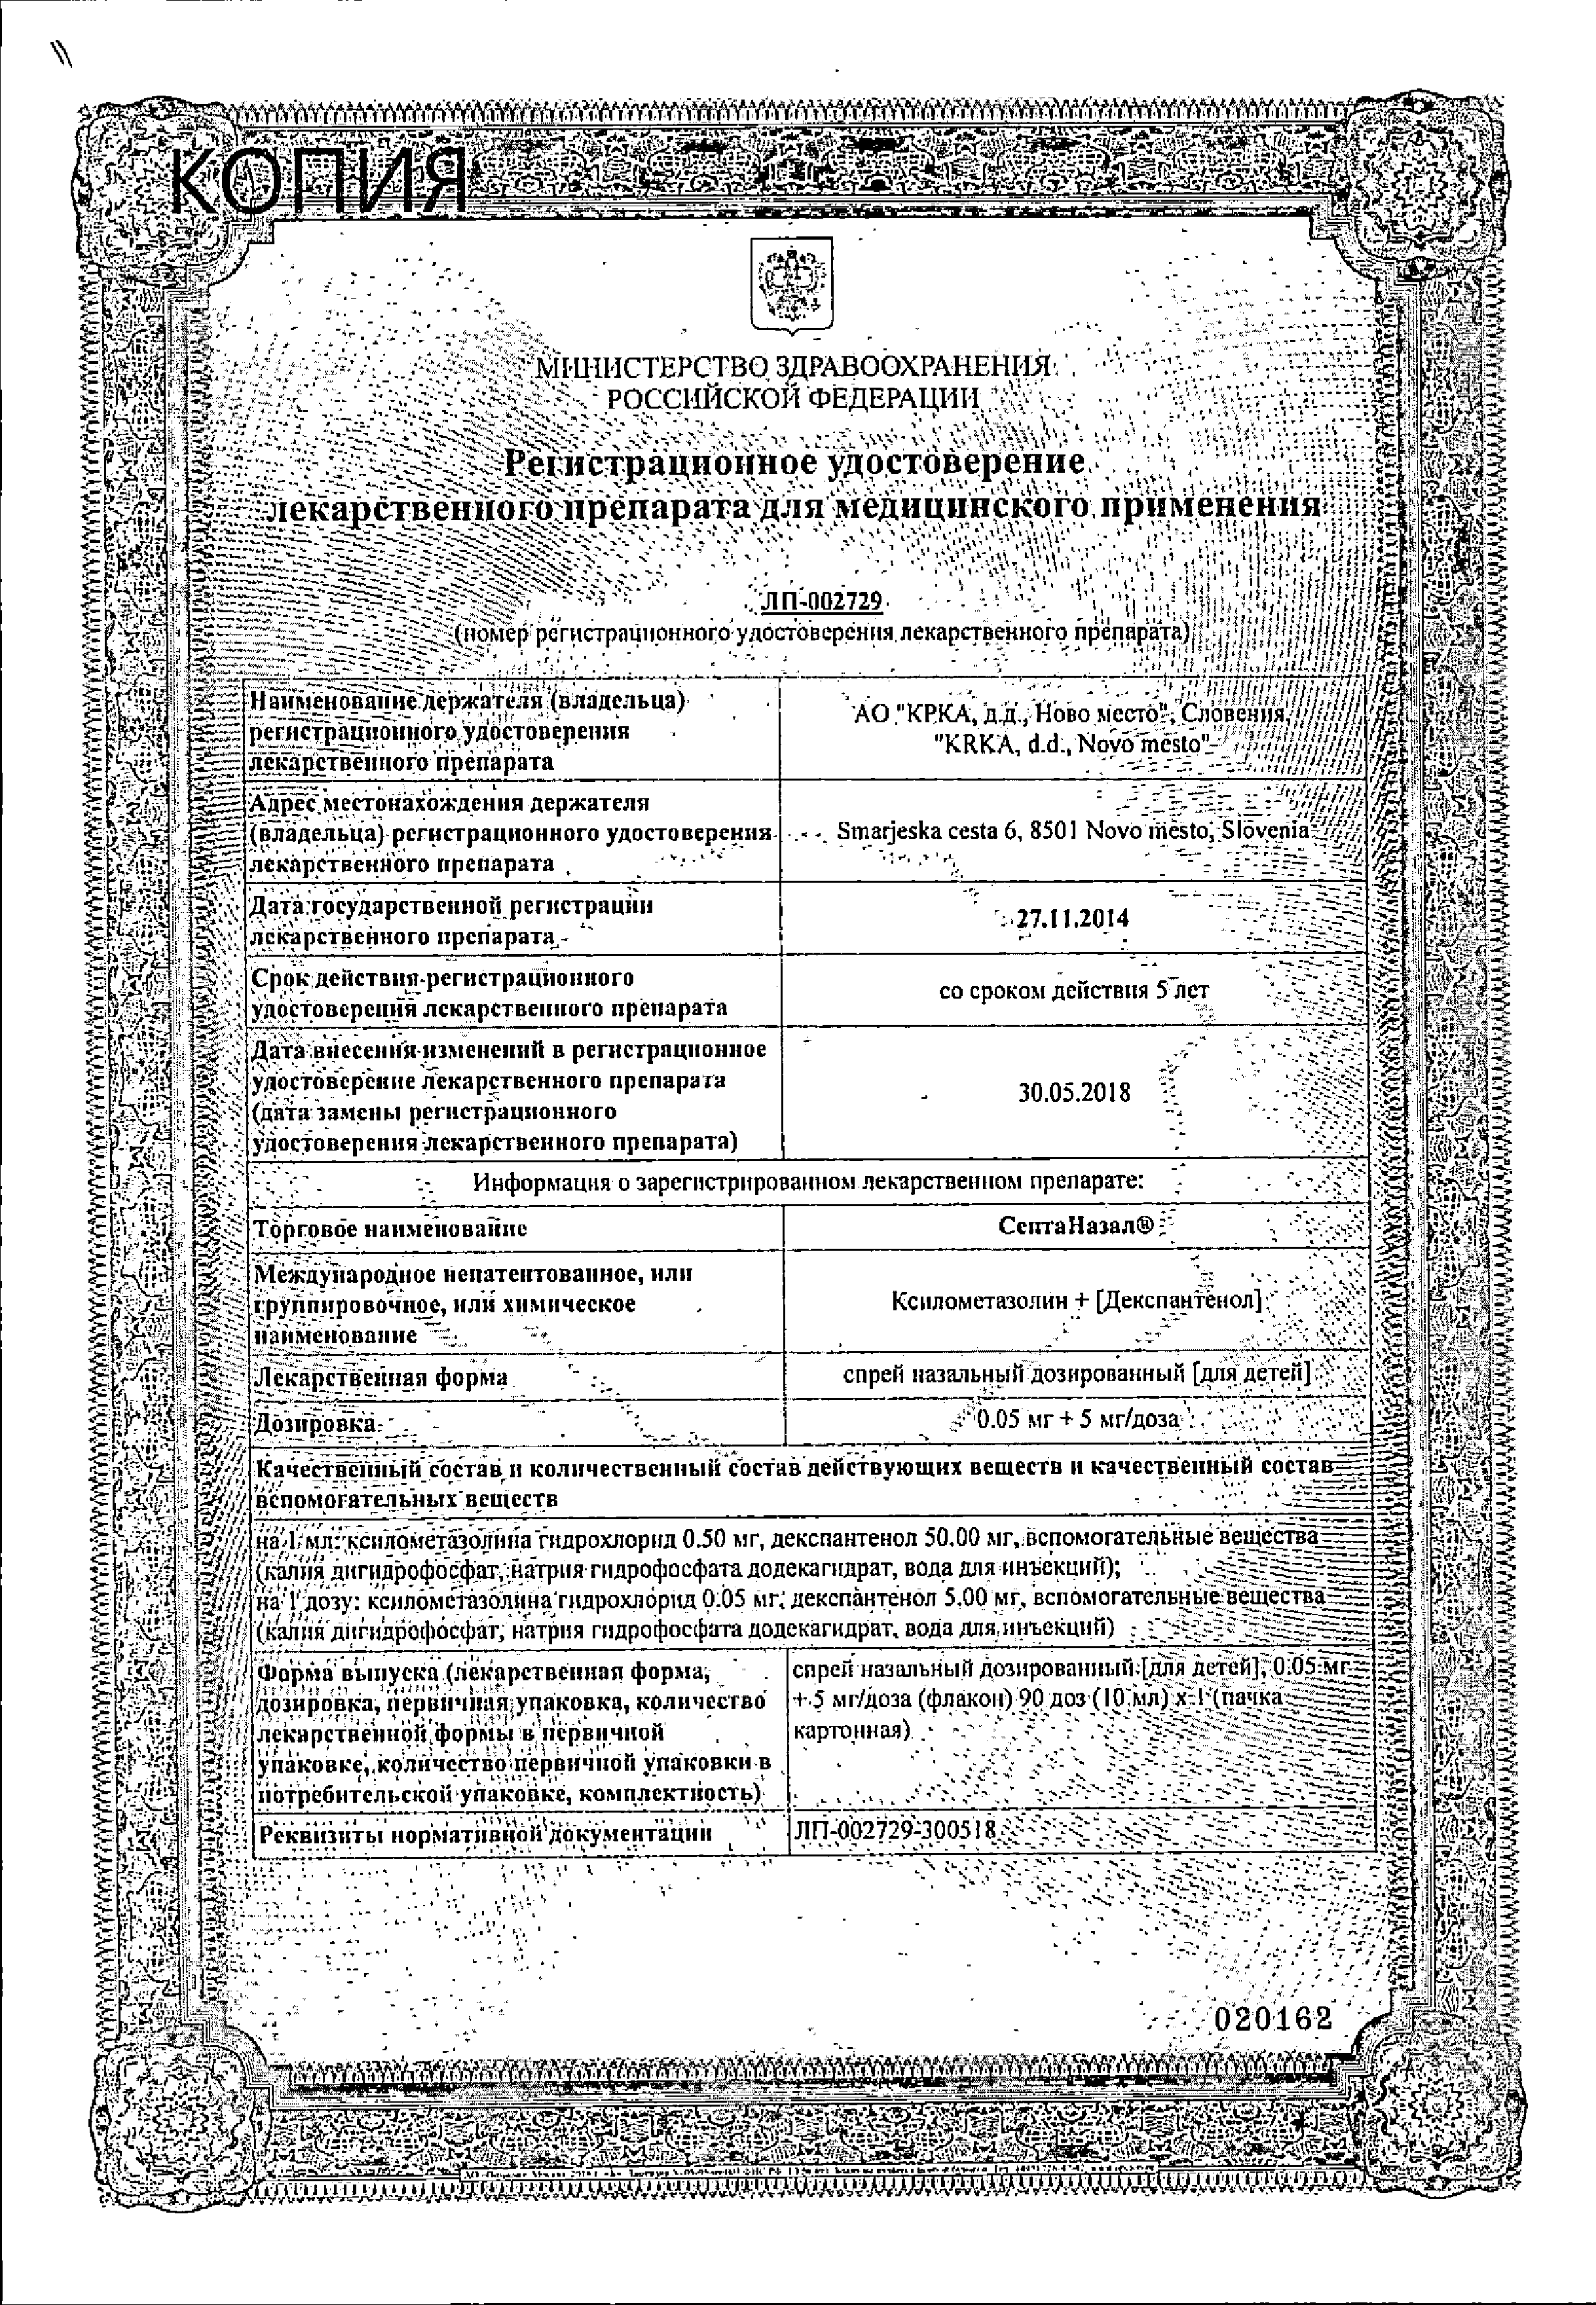 СептаНазал сертификат